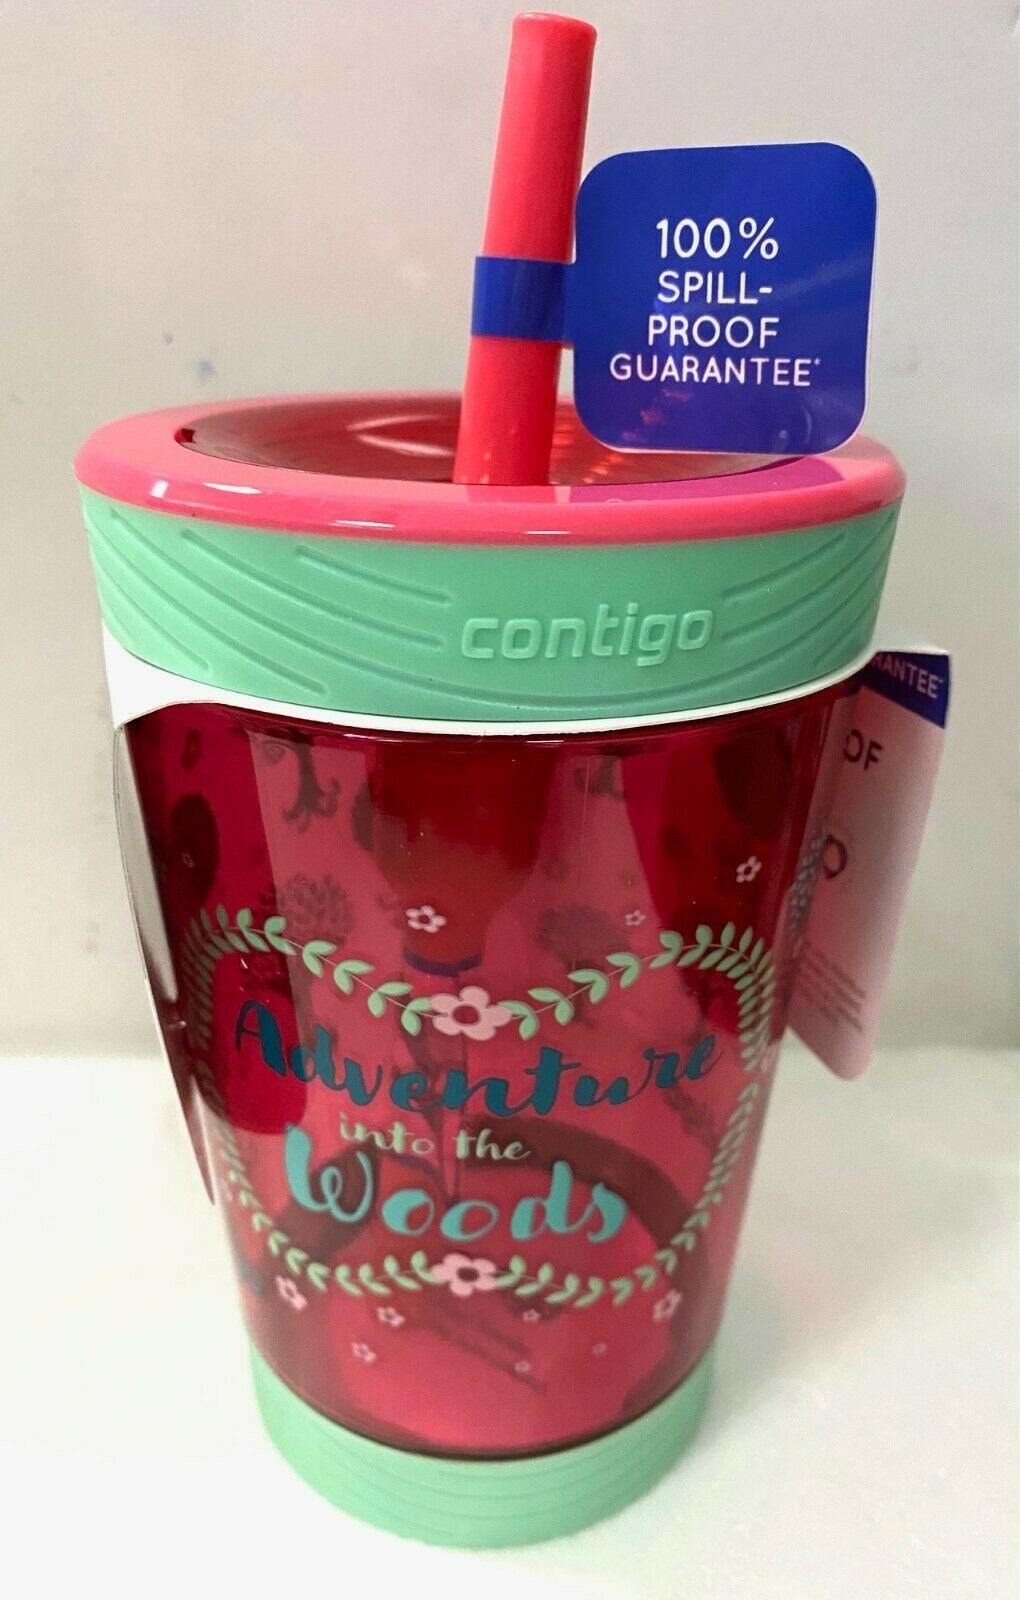 Contigo Kids 14oz Spill-Proof Tumbler with Straw Pink Adventure Children Bottle